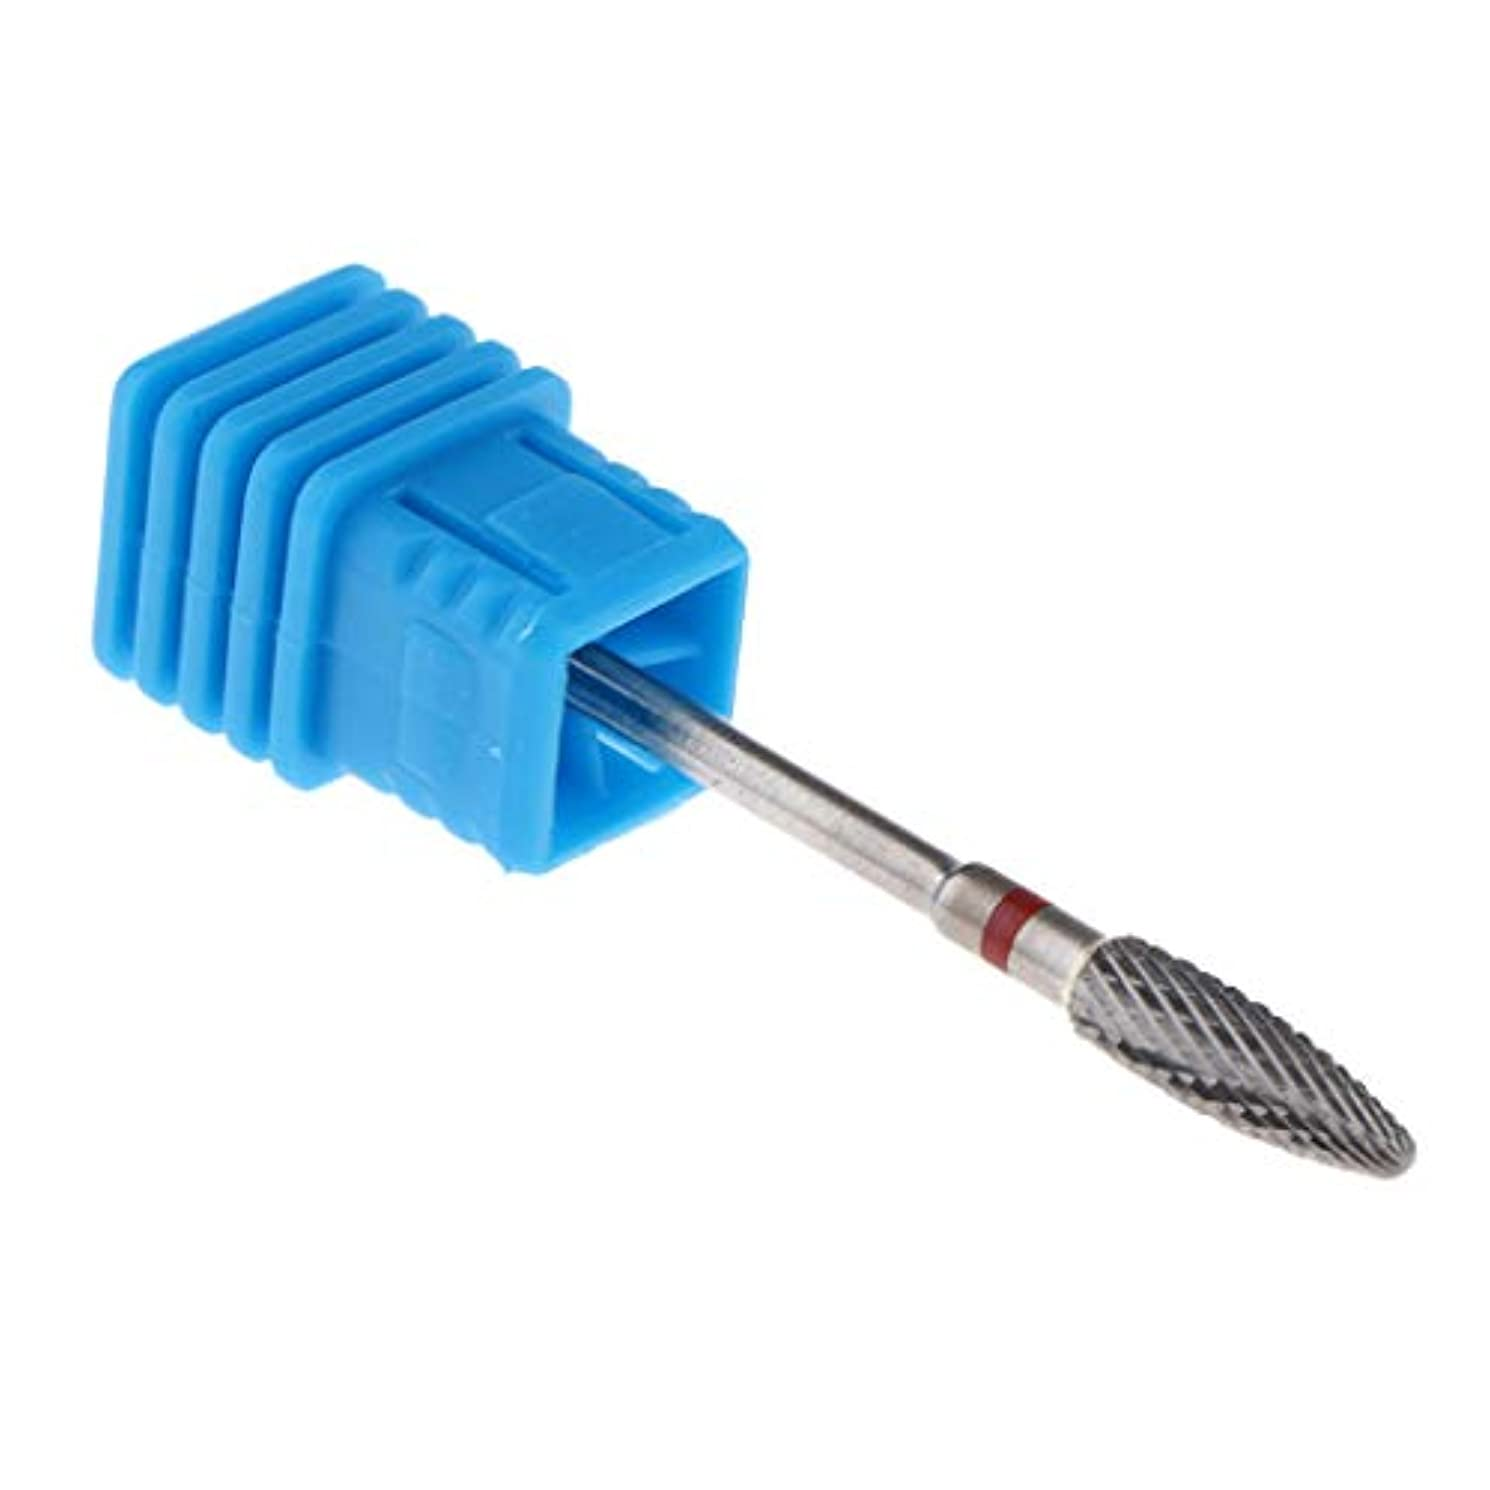 放置悪のライフル電気ネイルドリルビット 磨き 研磨ヘッド アクリルの釘 ネイルアート研削ビット 5サイズ - No.03